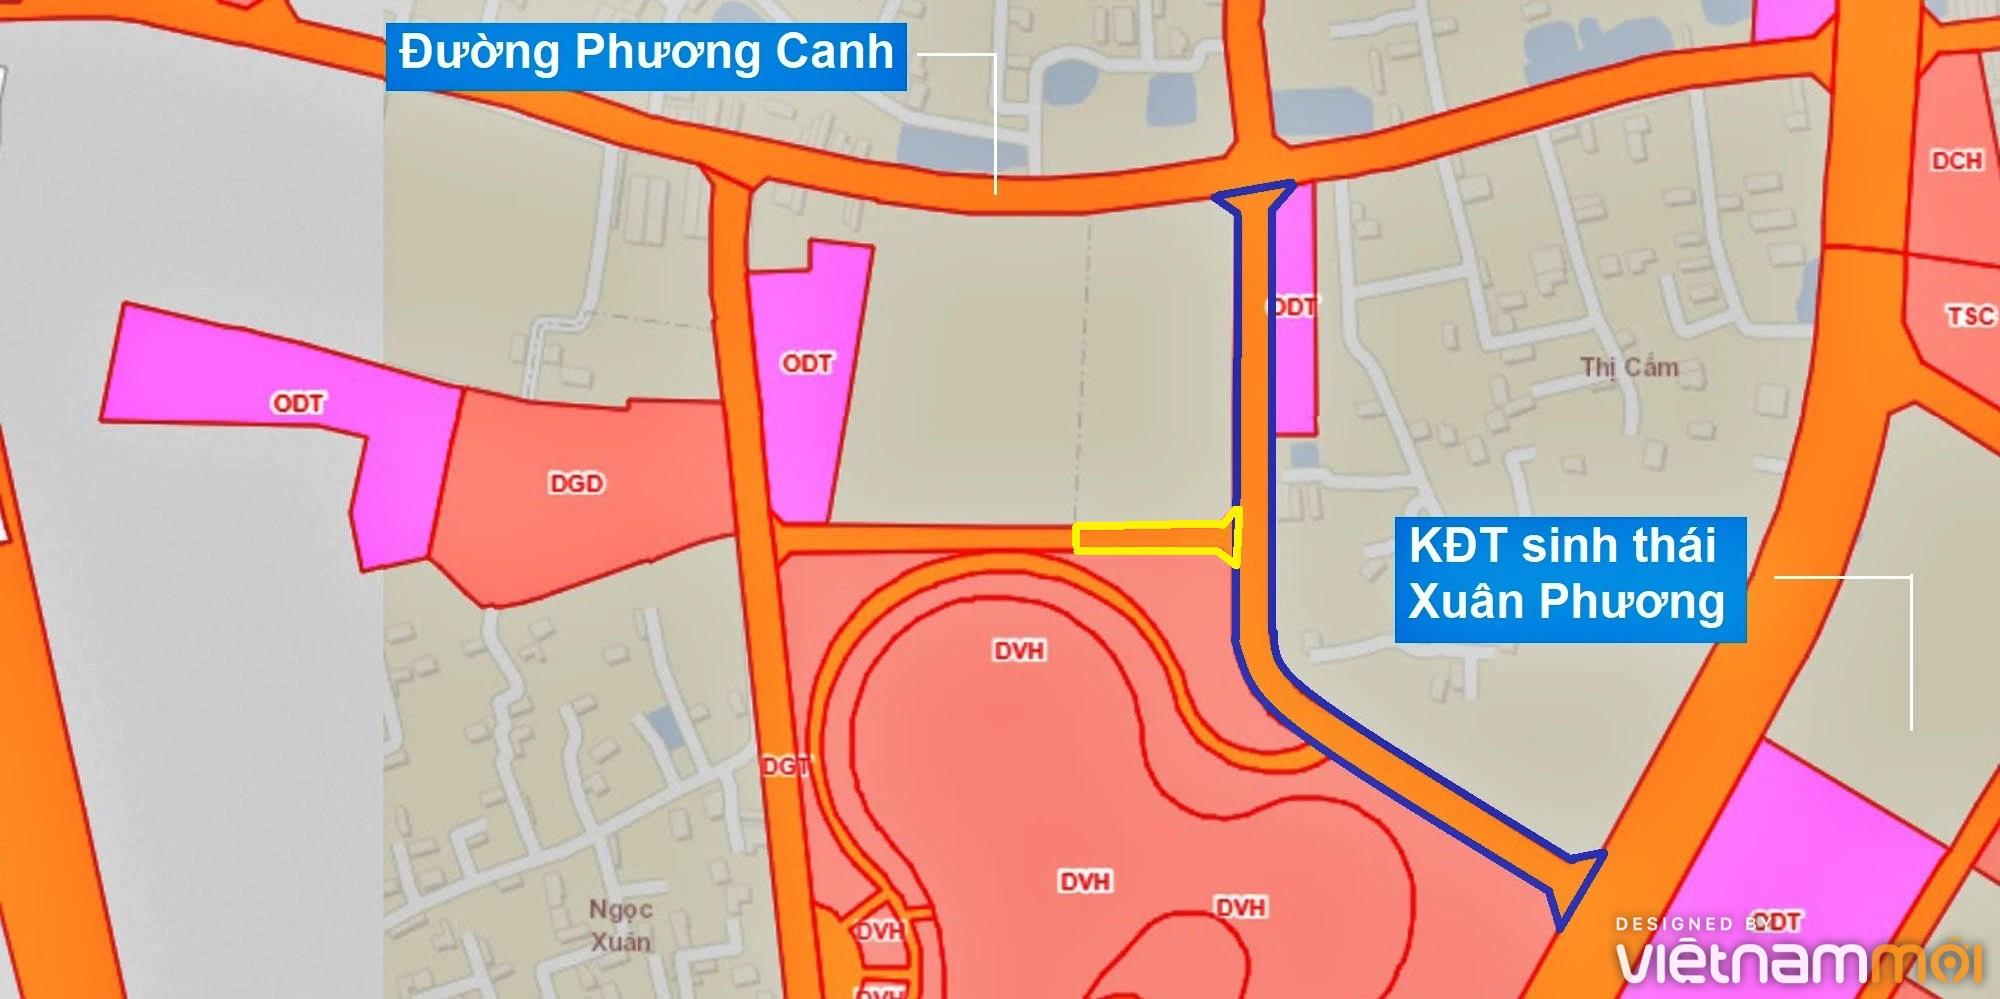 Những khu đất sắp thu hồi để mở đường ở phường Xuân Phương, Nam Từ Liêm, Hà Nội (phần 3) - Ảnh 6.